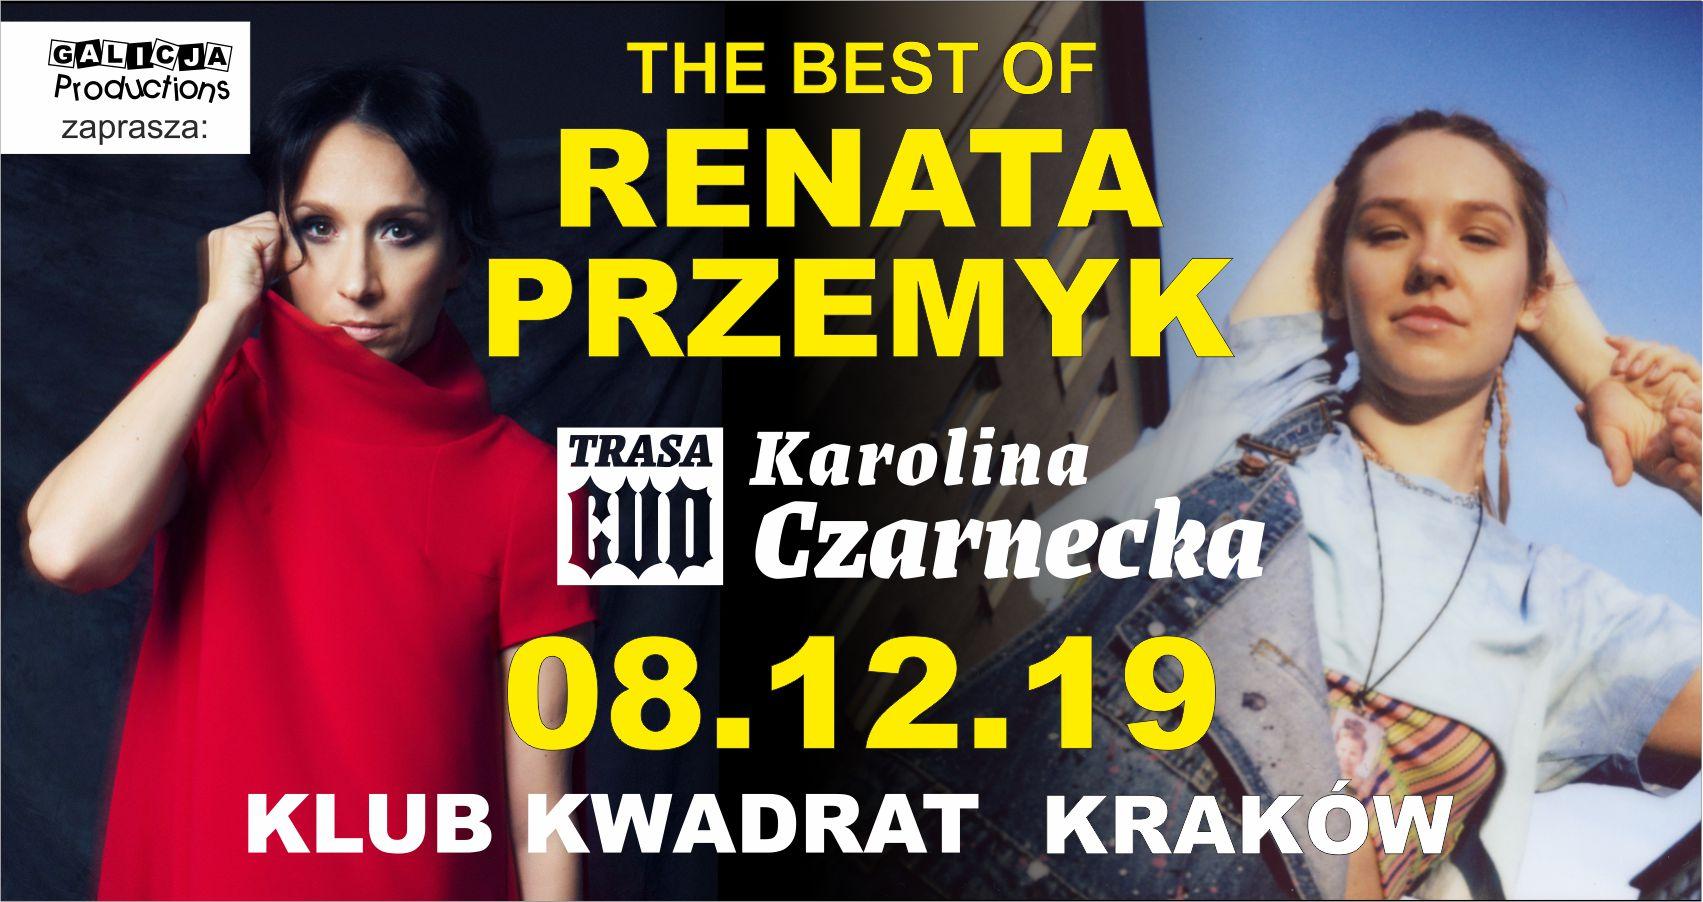 Renata Przemyk, Karolina Czarnecka